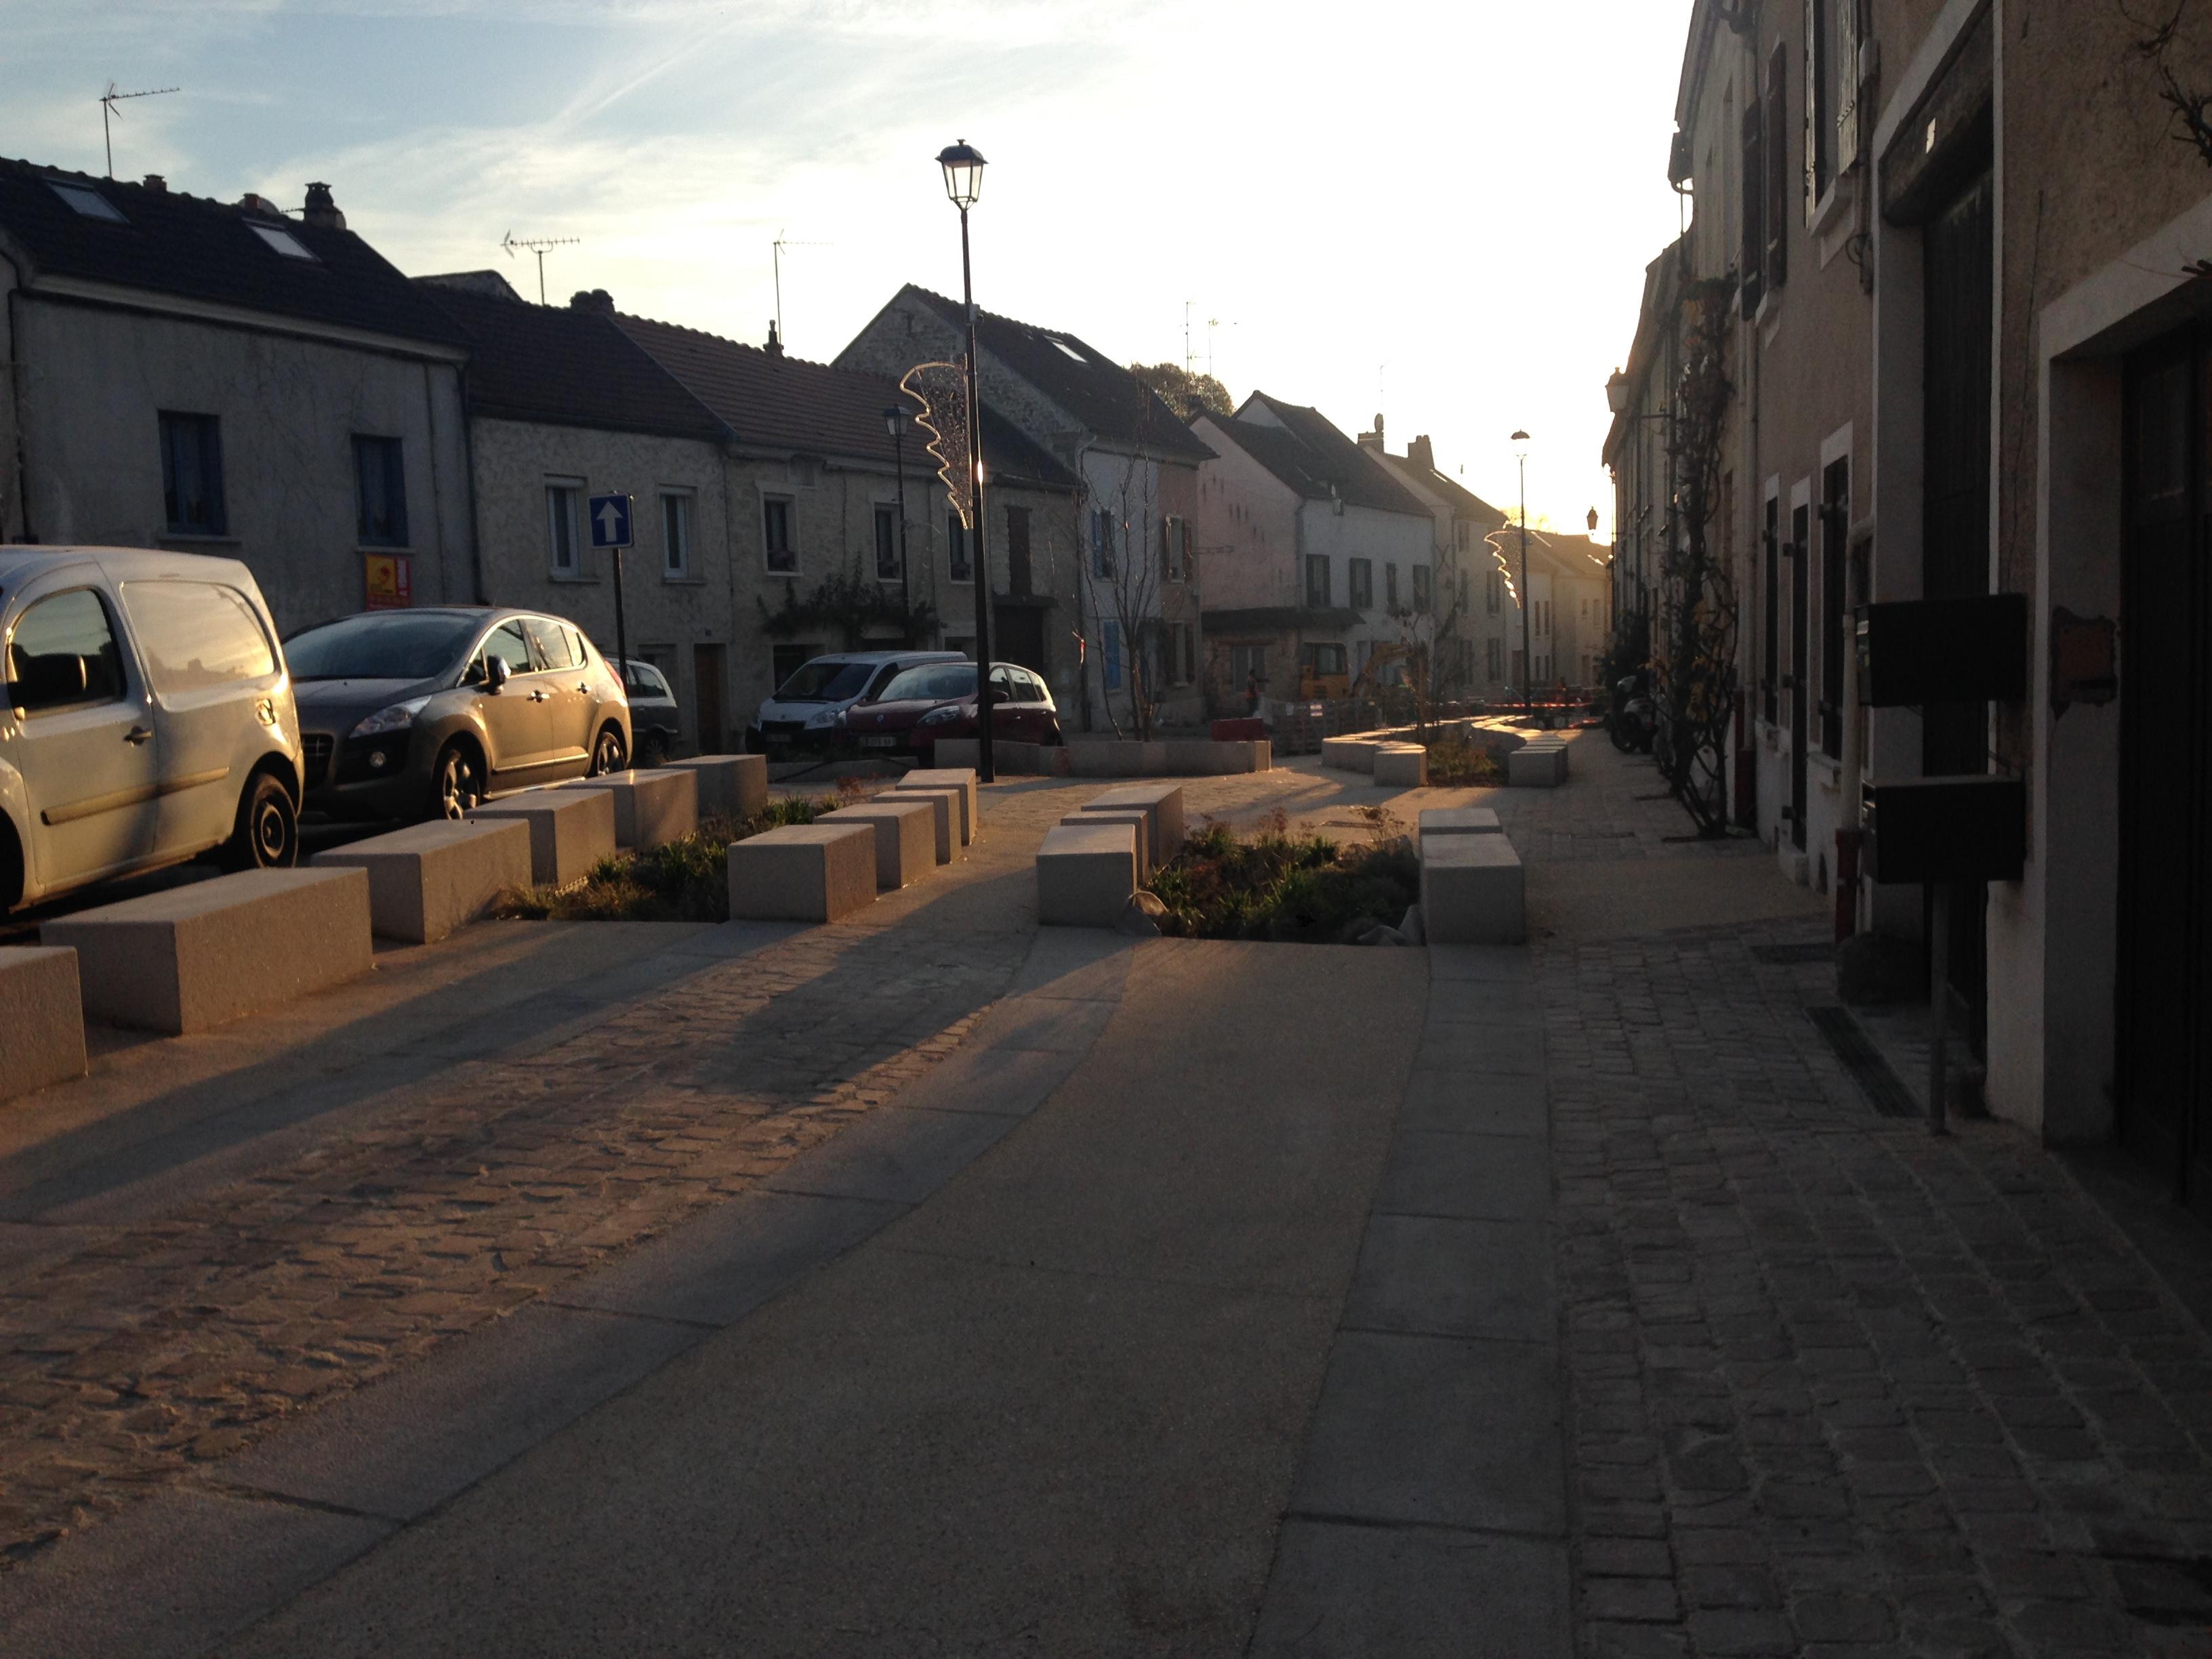 Mission de Maîtrise d'Oeuvre pour la requalification de la Place de la République et de ses abords - Eragny sur Oise - 95 - Val d'Oise